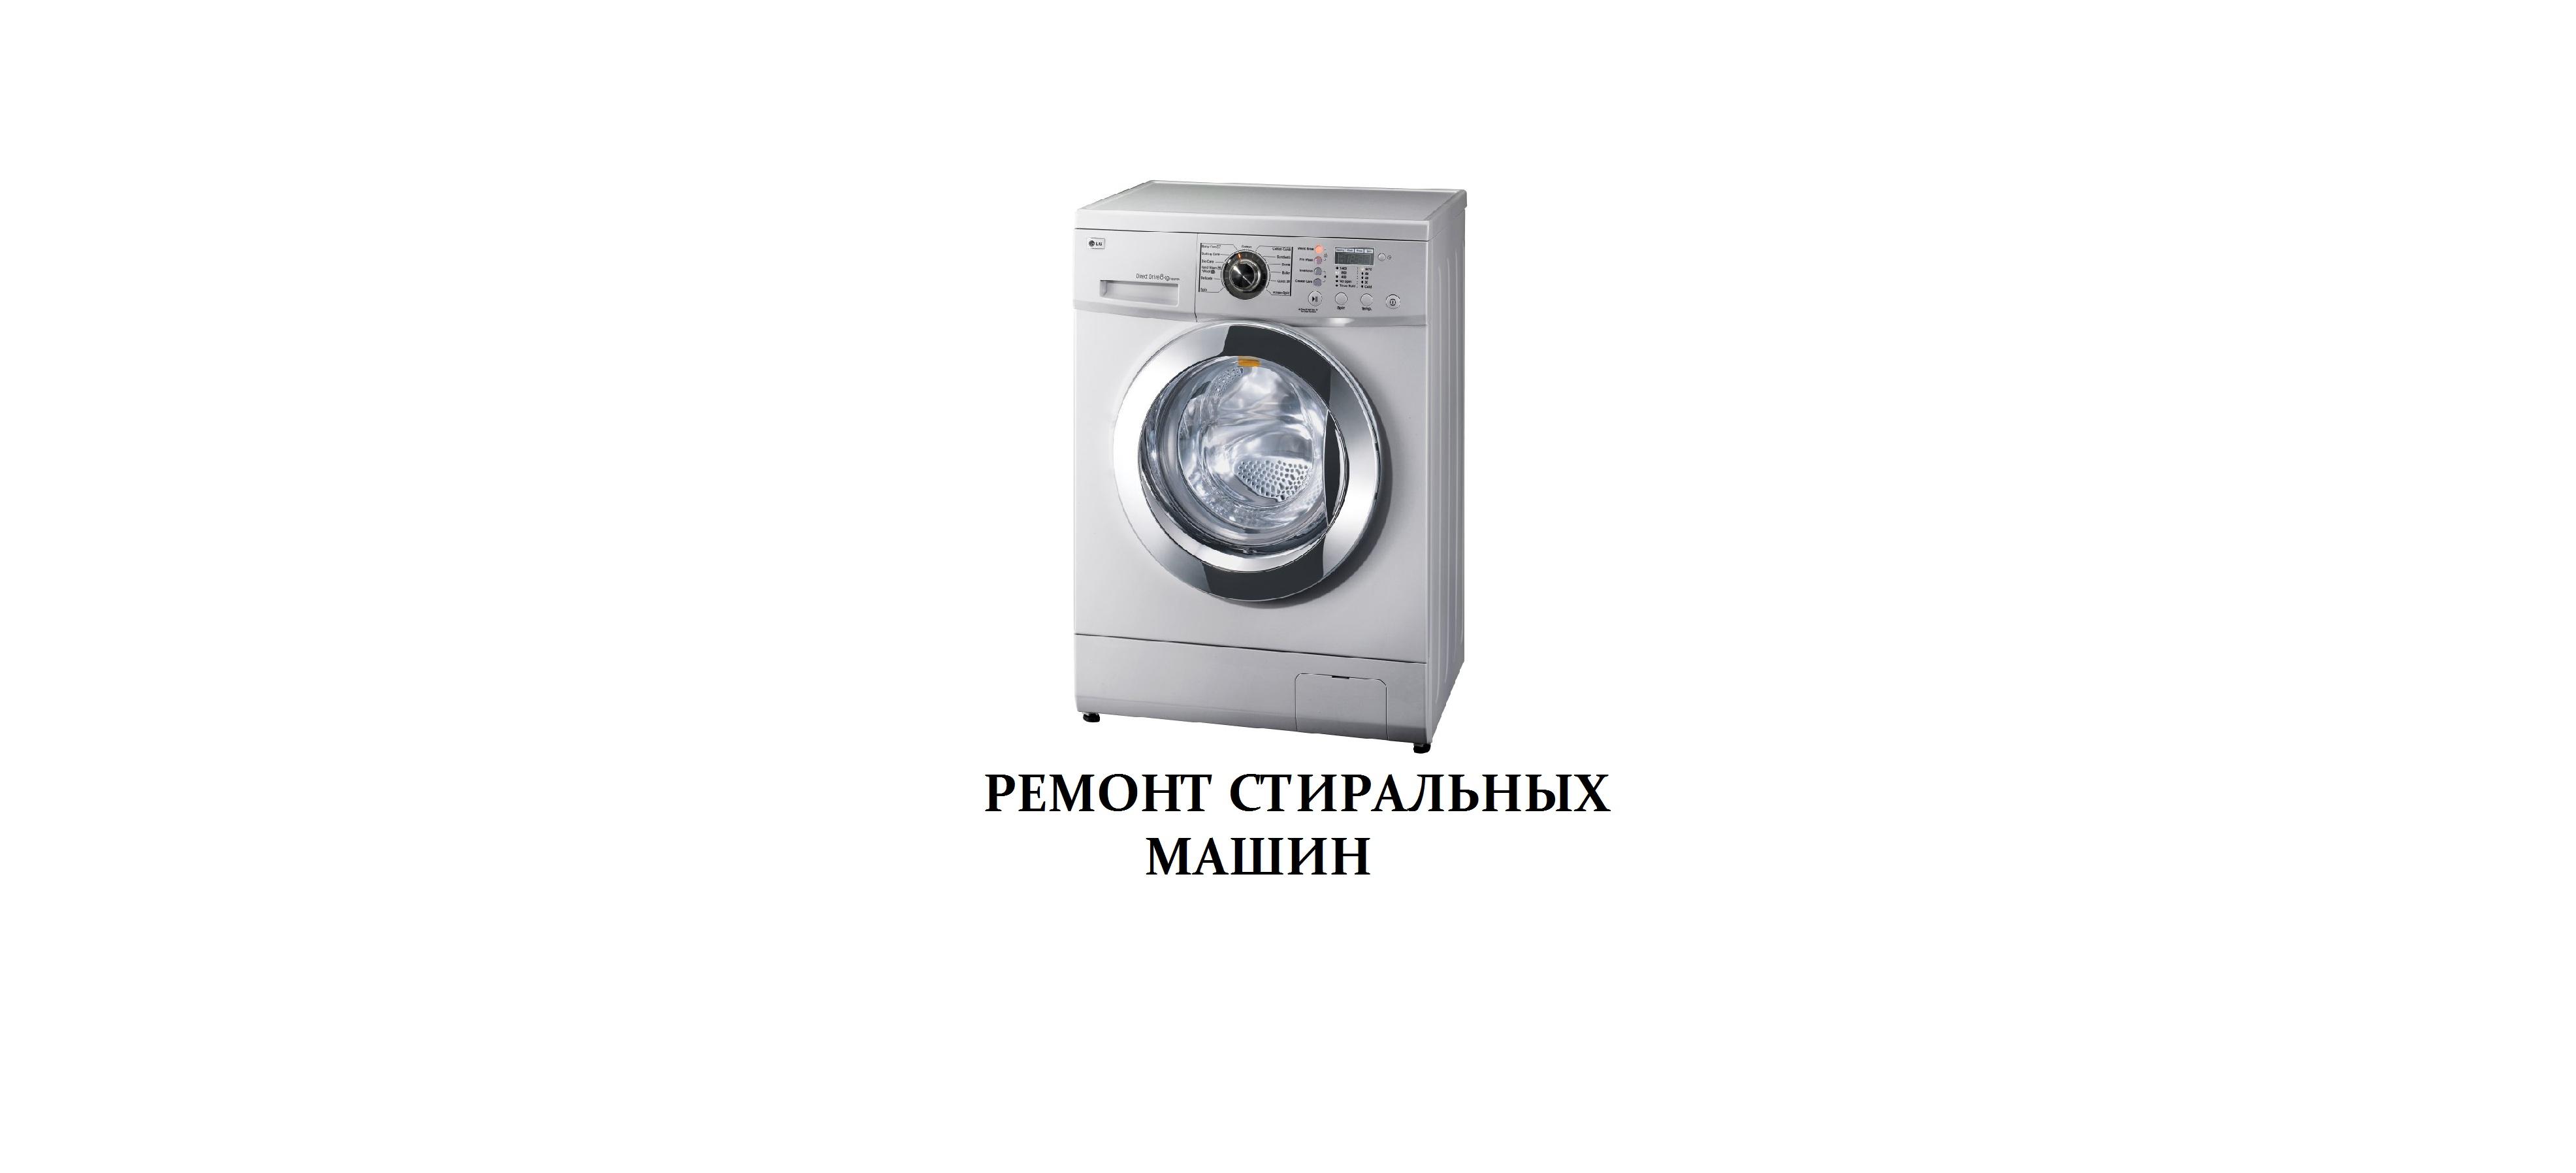 Ремонт стиральных машин в Москве на дому post thumbnail image